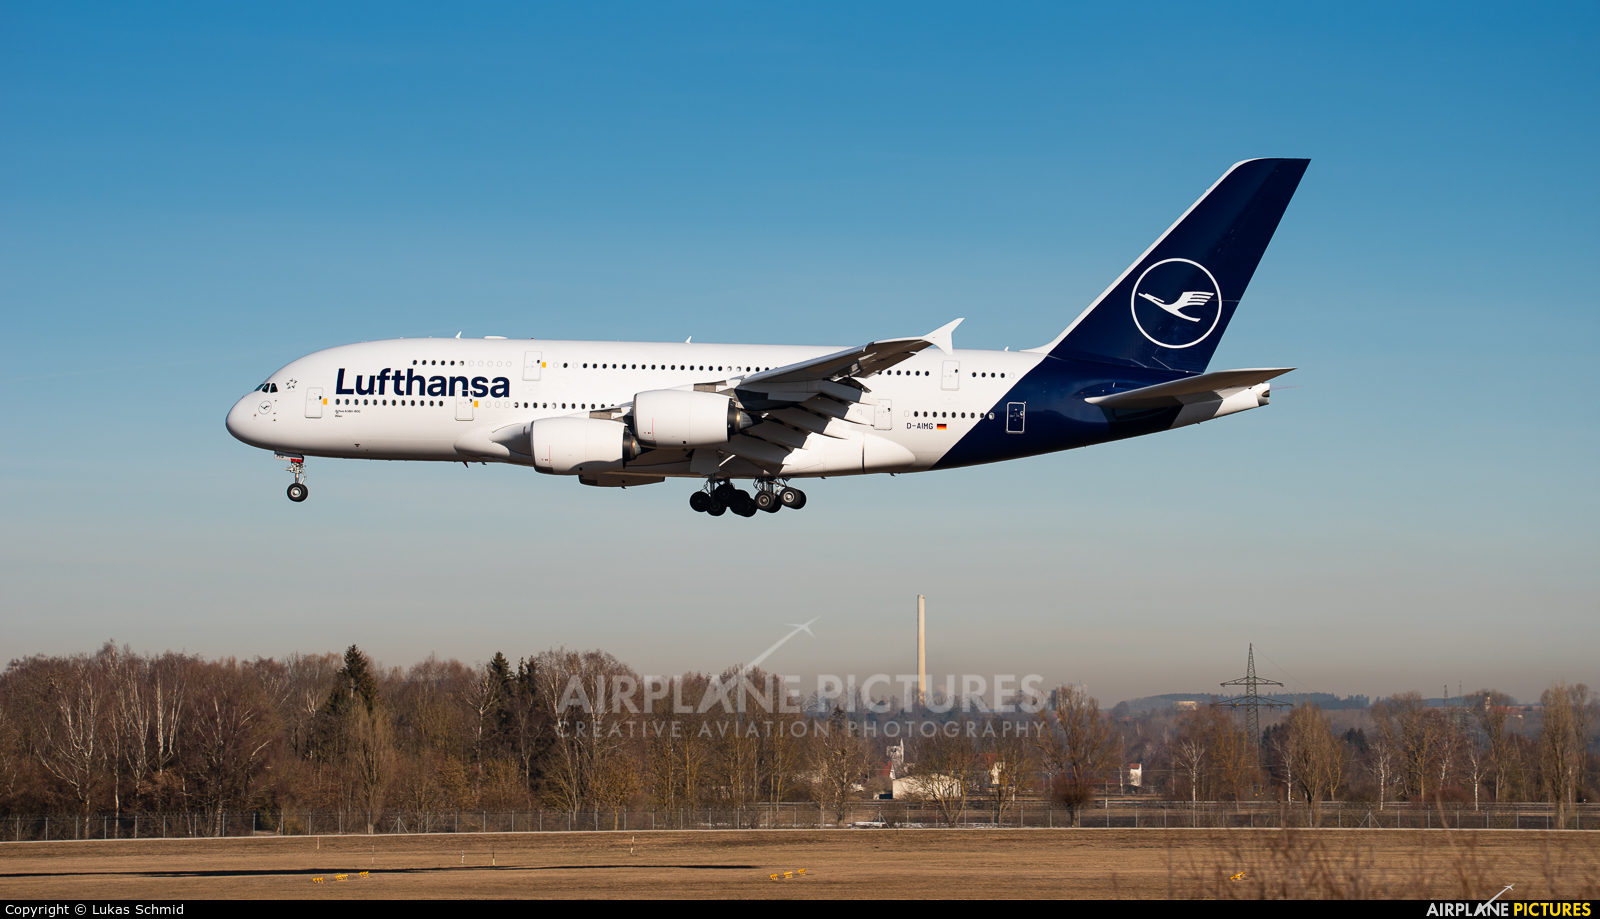 Lufthansa D-AIMG aircraft at Munich